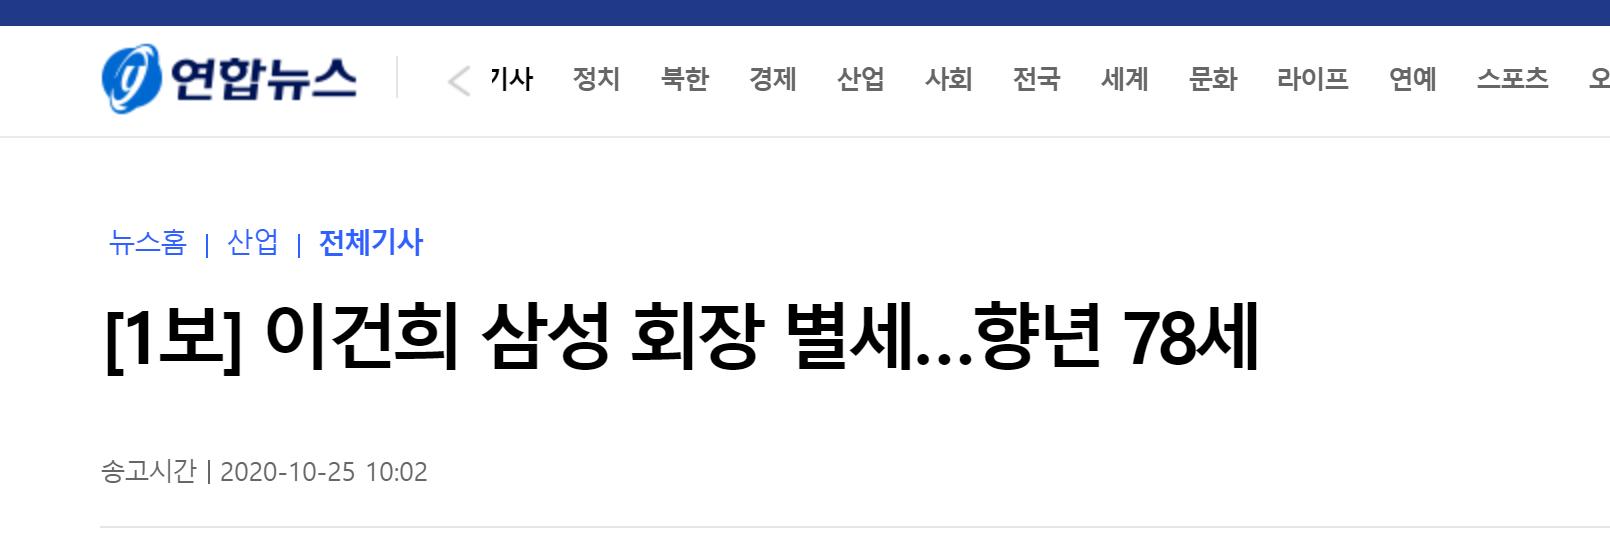 快讯!韩媒:韩国三星会长李健熙归天,享年78岁